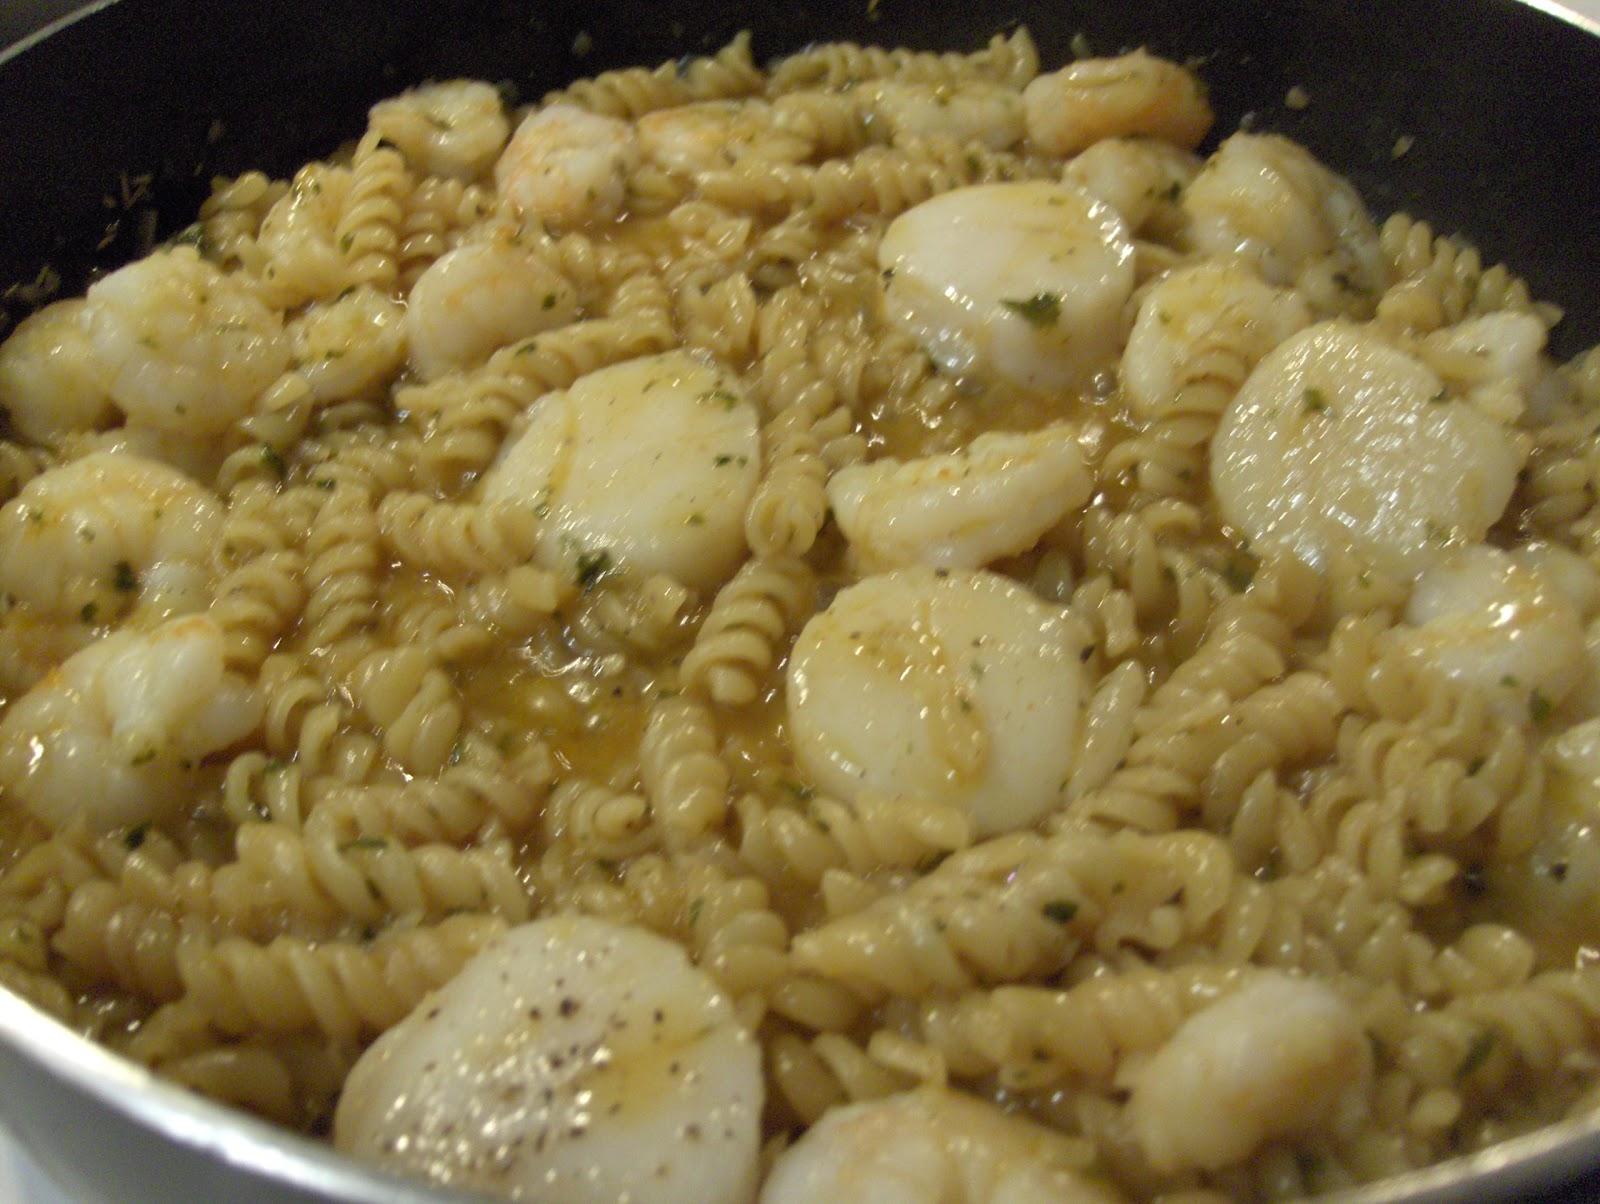 Shrimp Scampi Over Whole Grain Linguini Recipes — Dishmaps